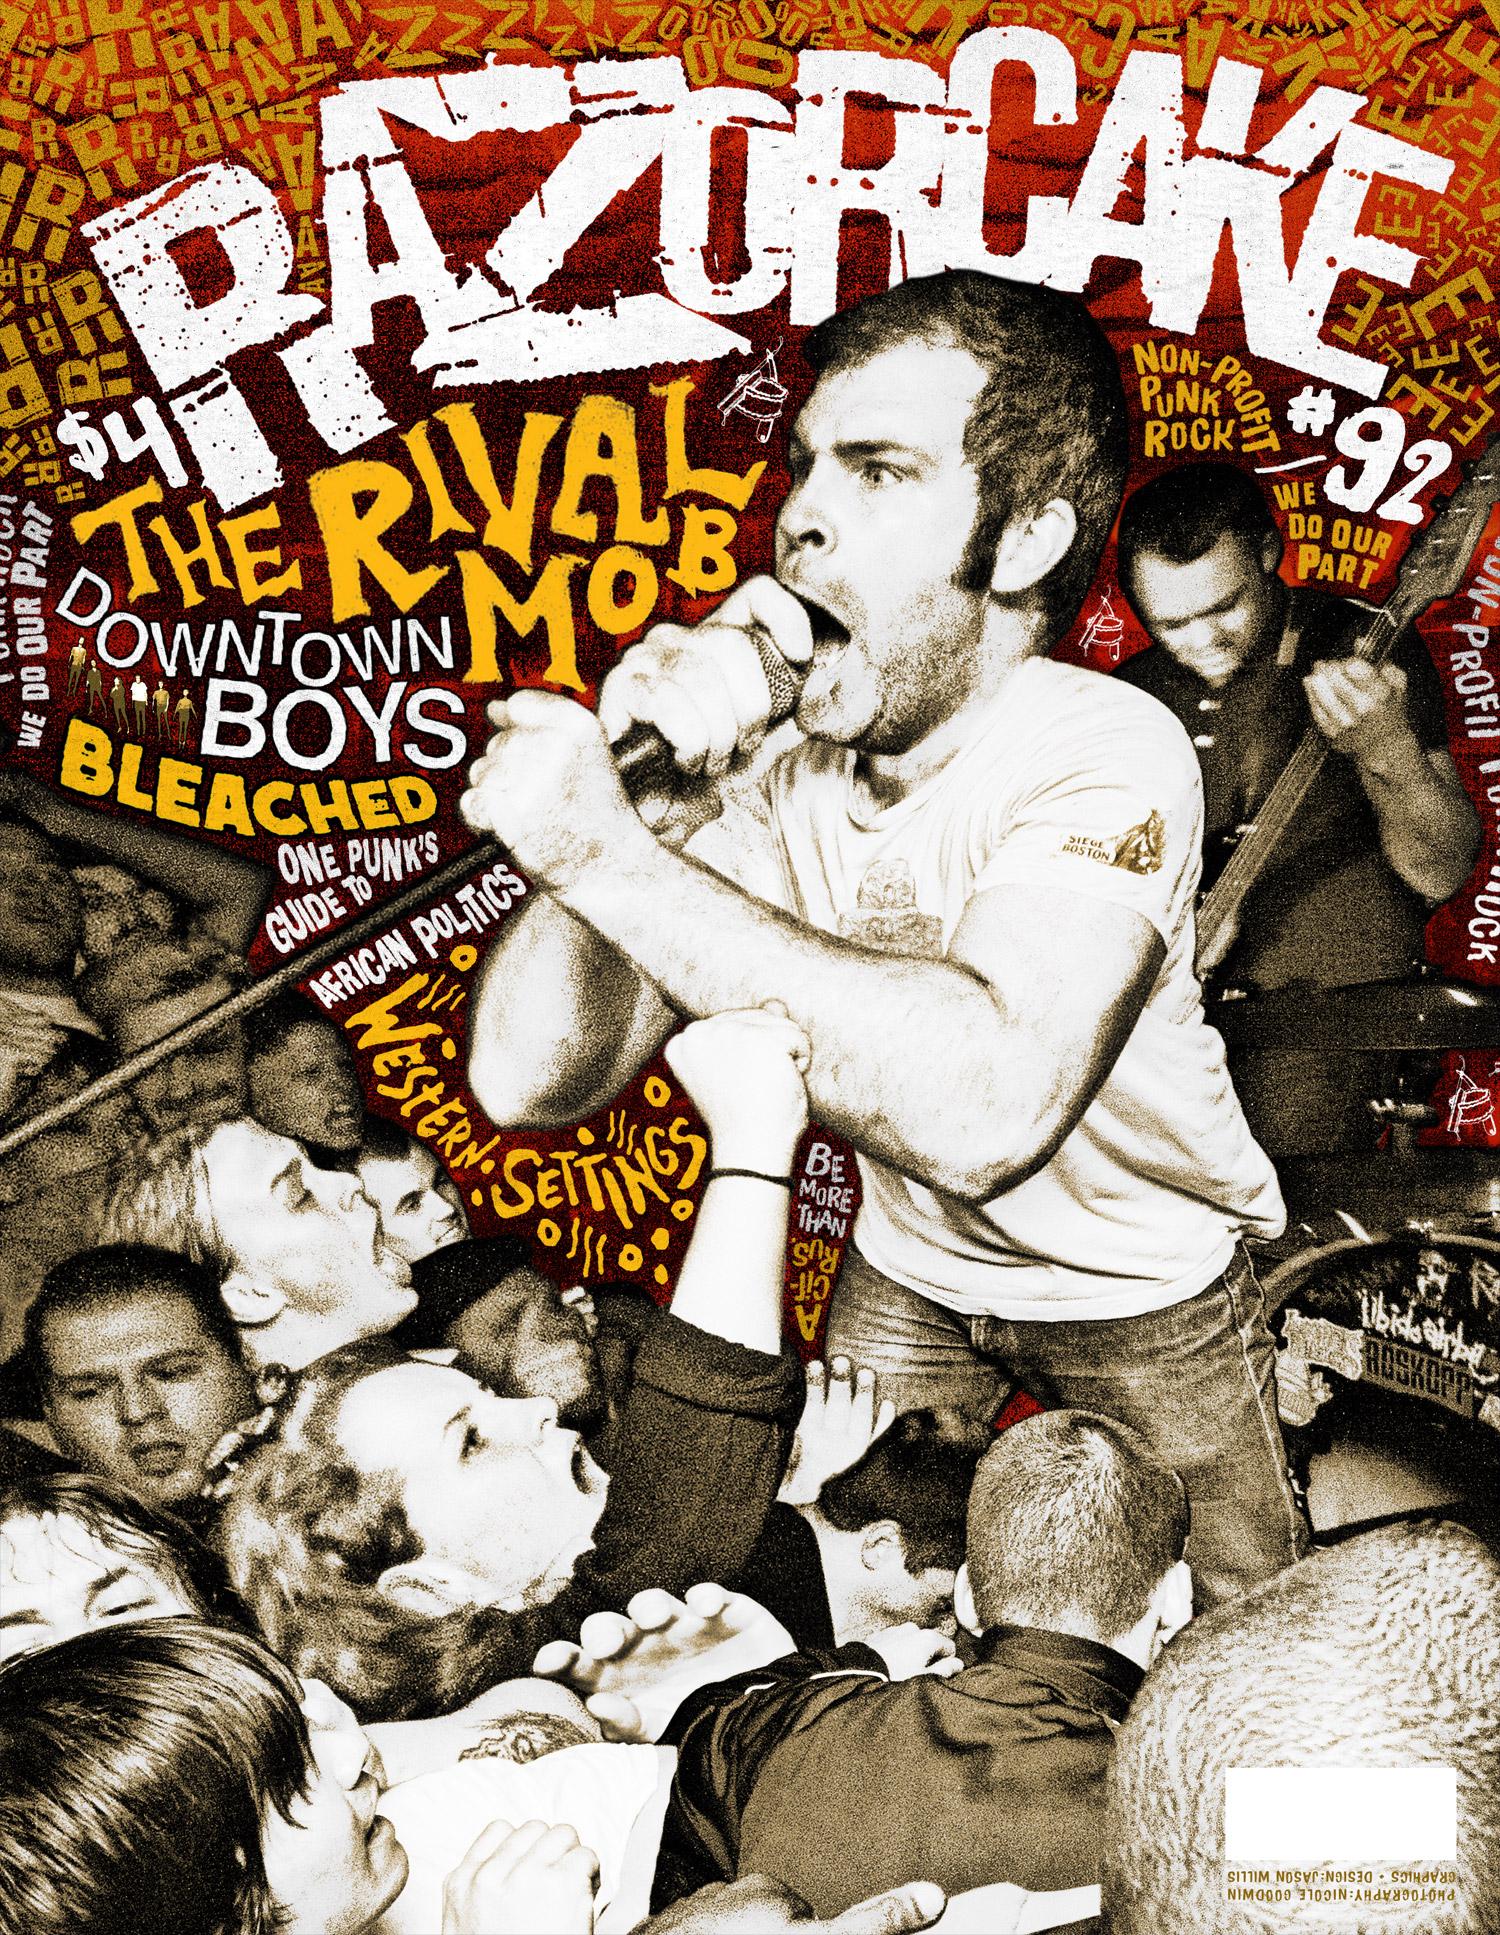 Razorcake 92 - The Rival Mob - Graphic Design